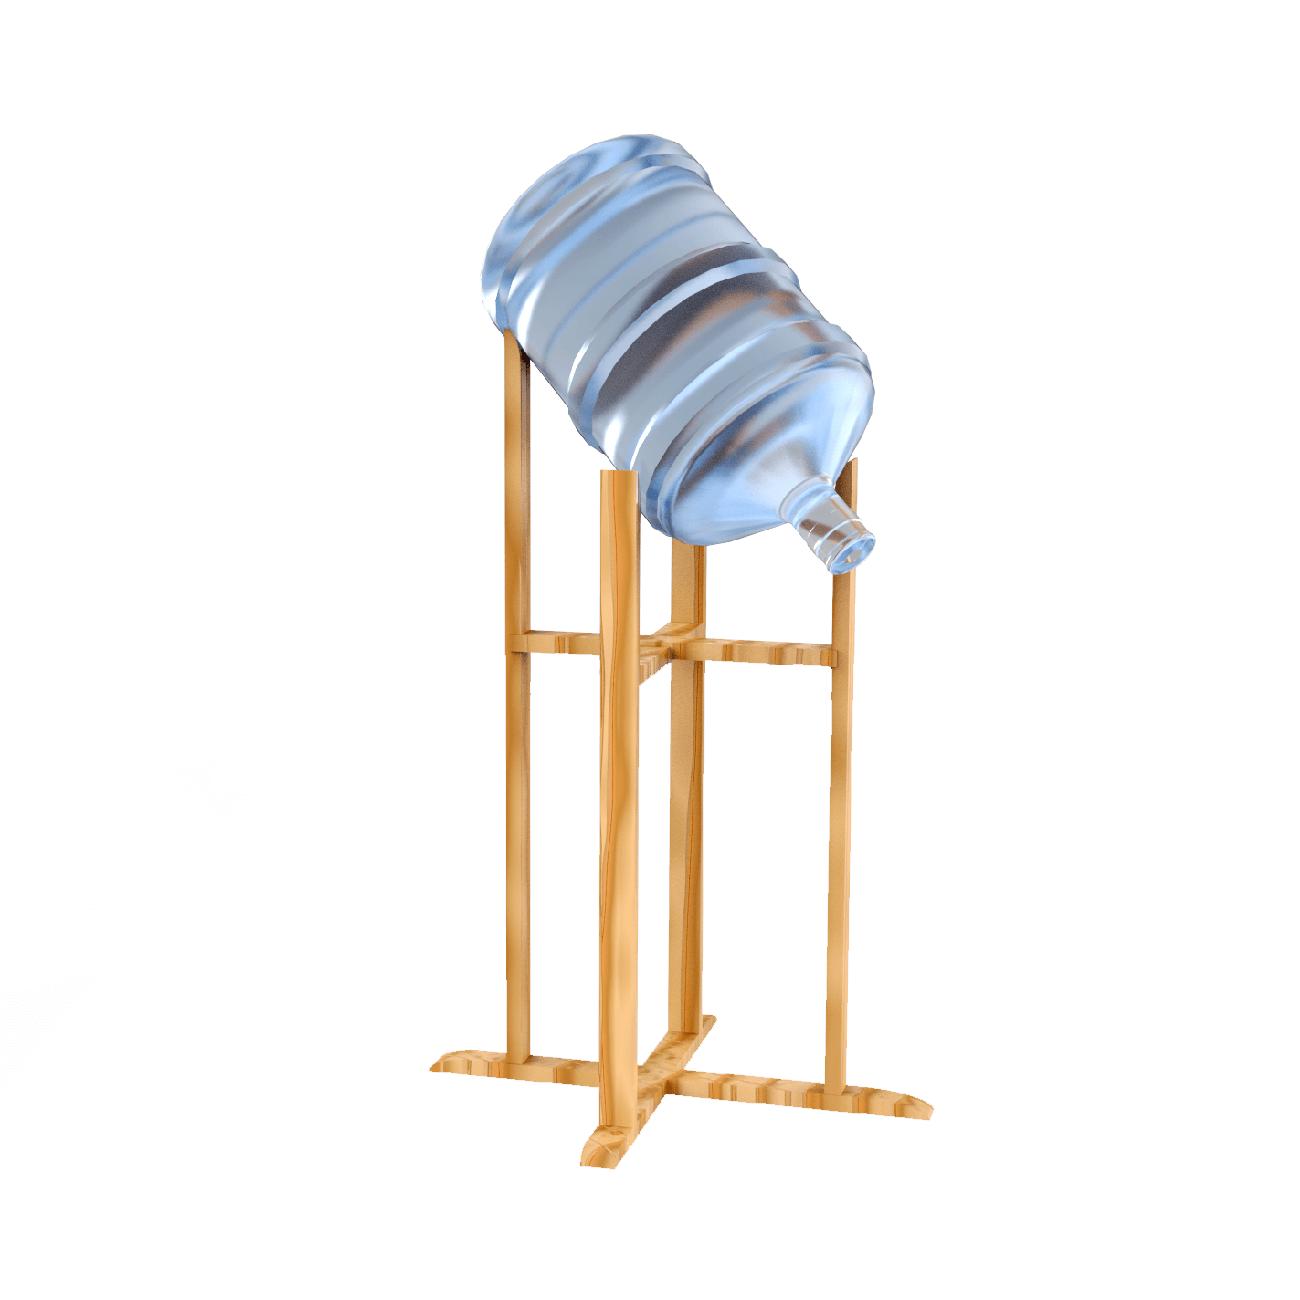 Подставки и полки - Наклонная подставка (деревянная, напольная)